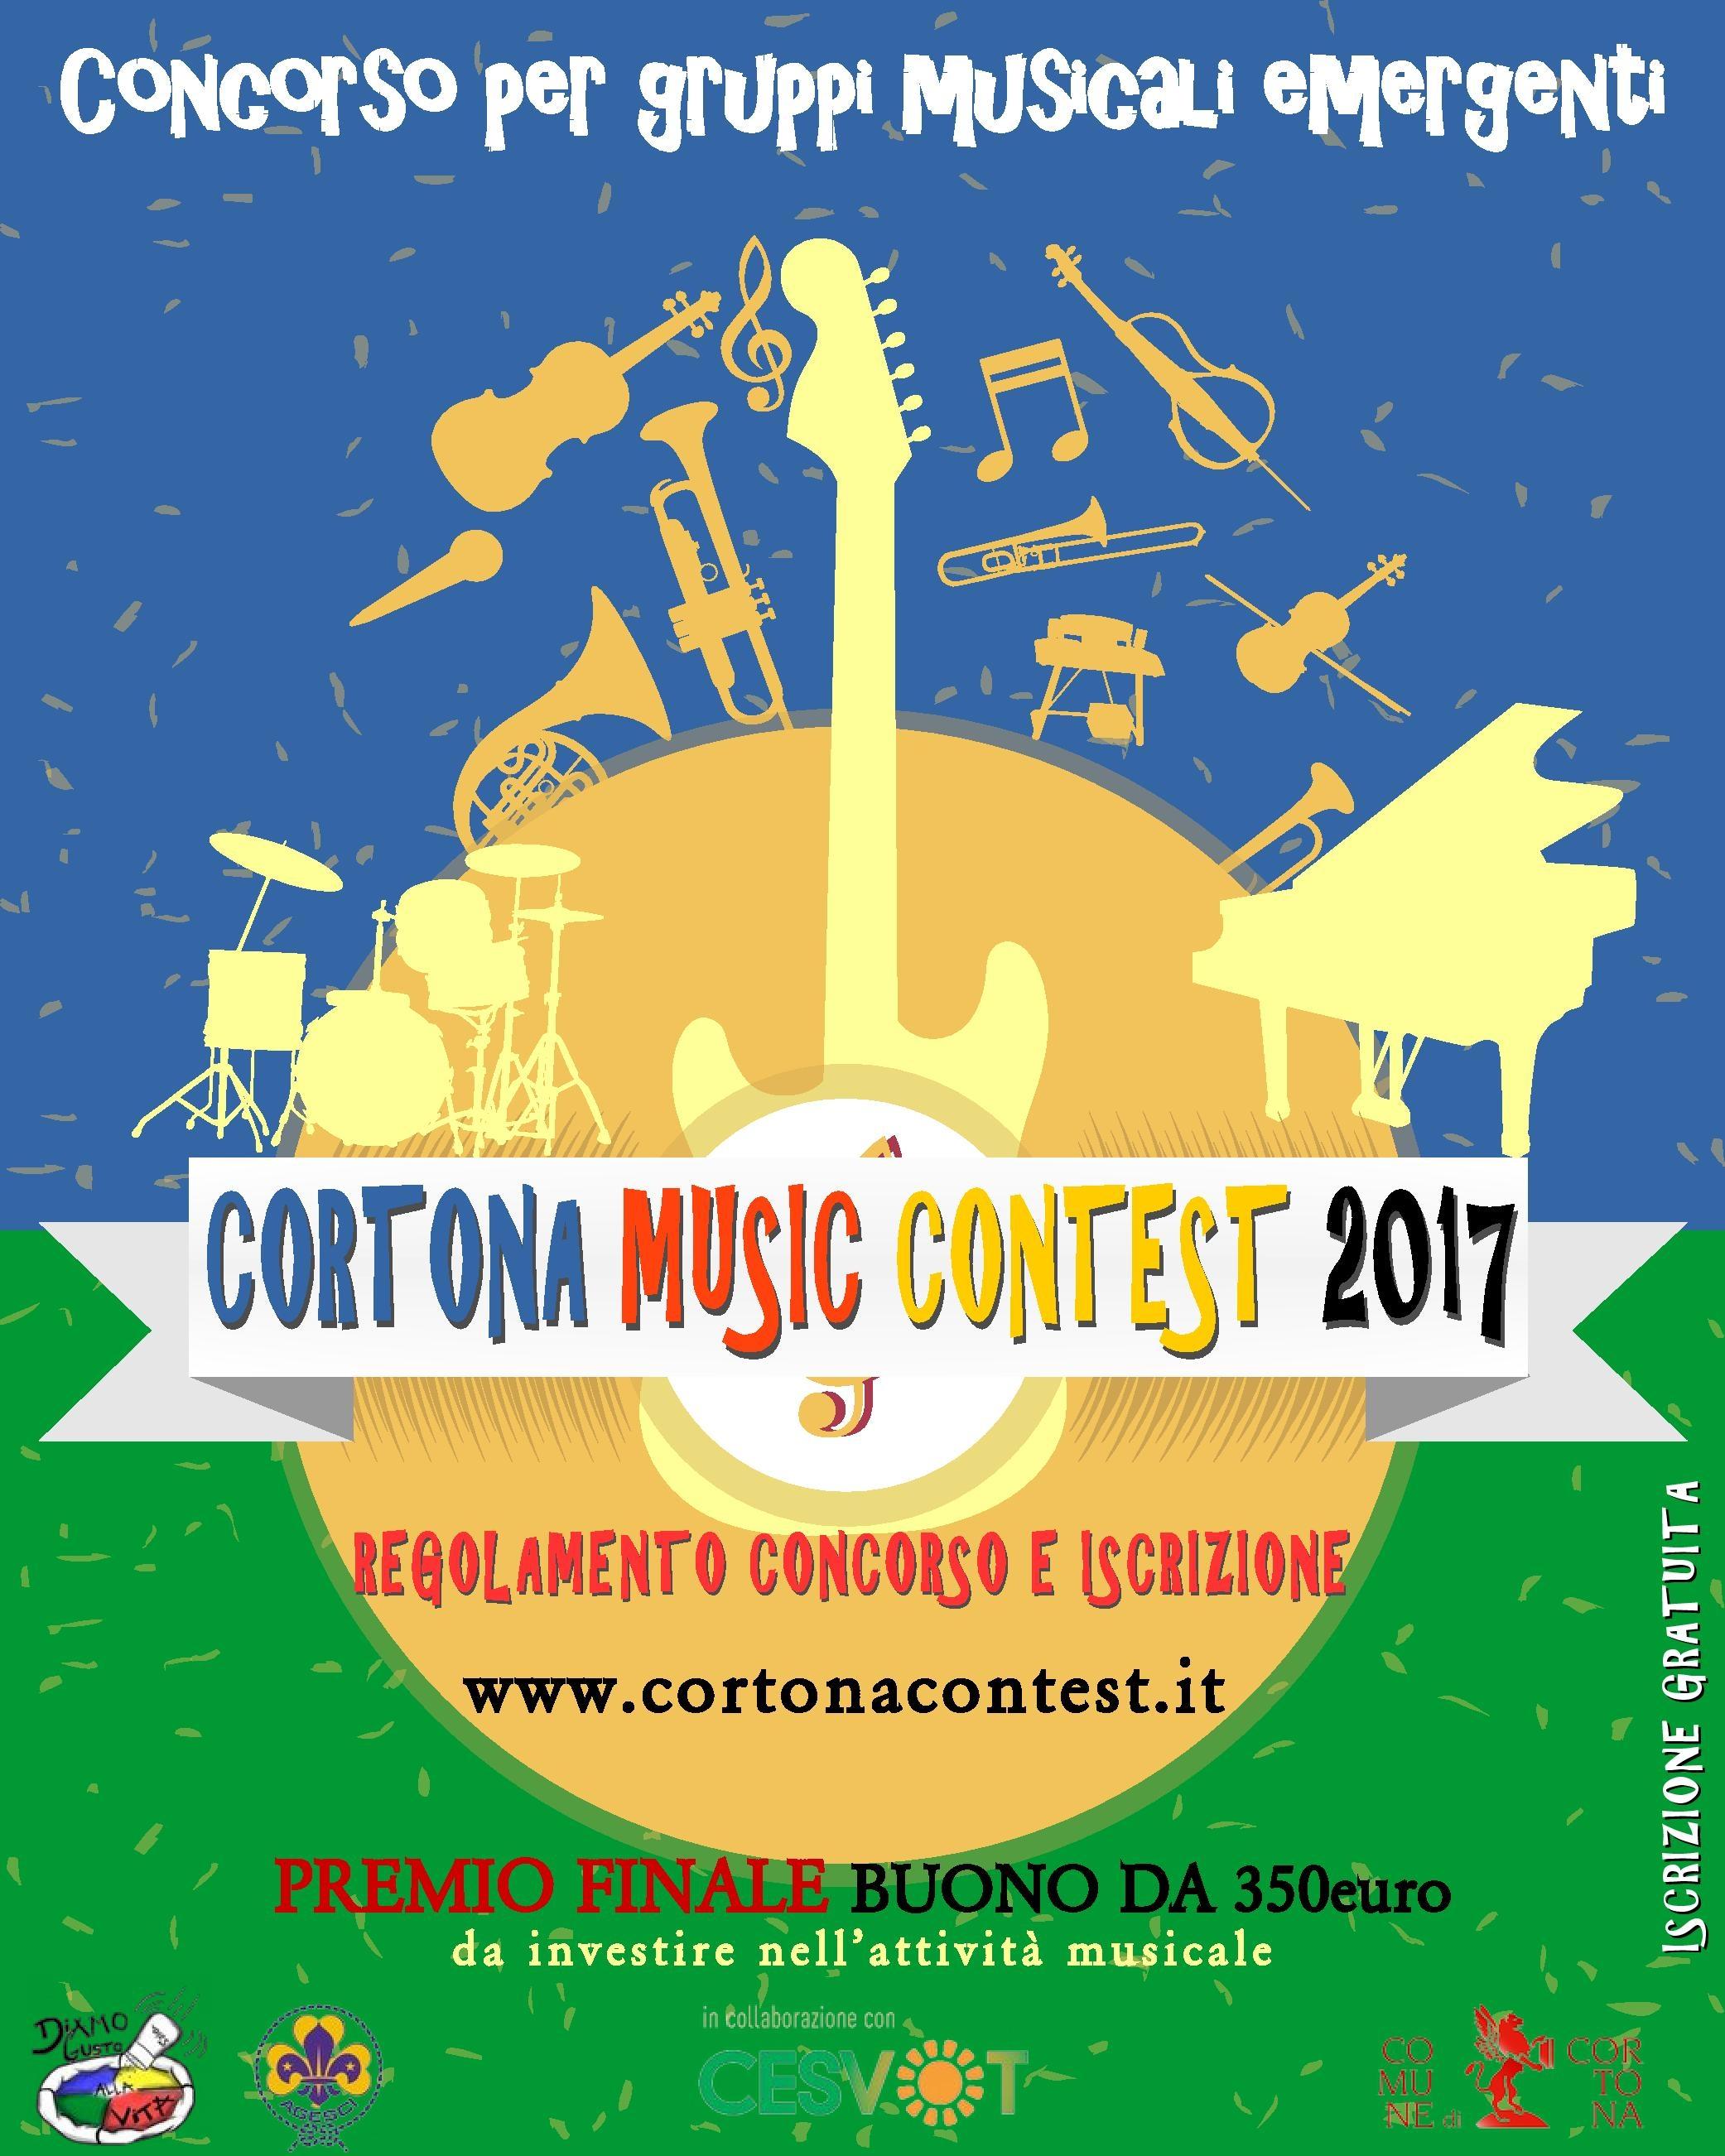 'Cortona Music Contest', concorso per band musicali emergenti